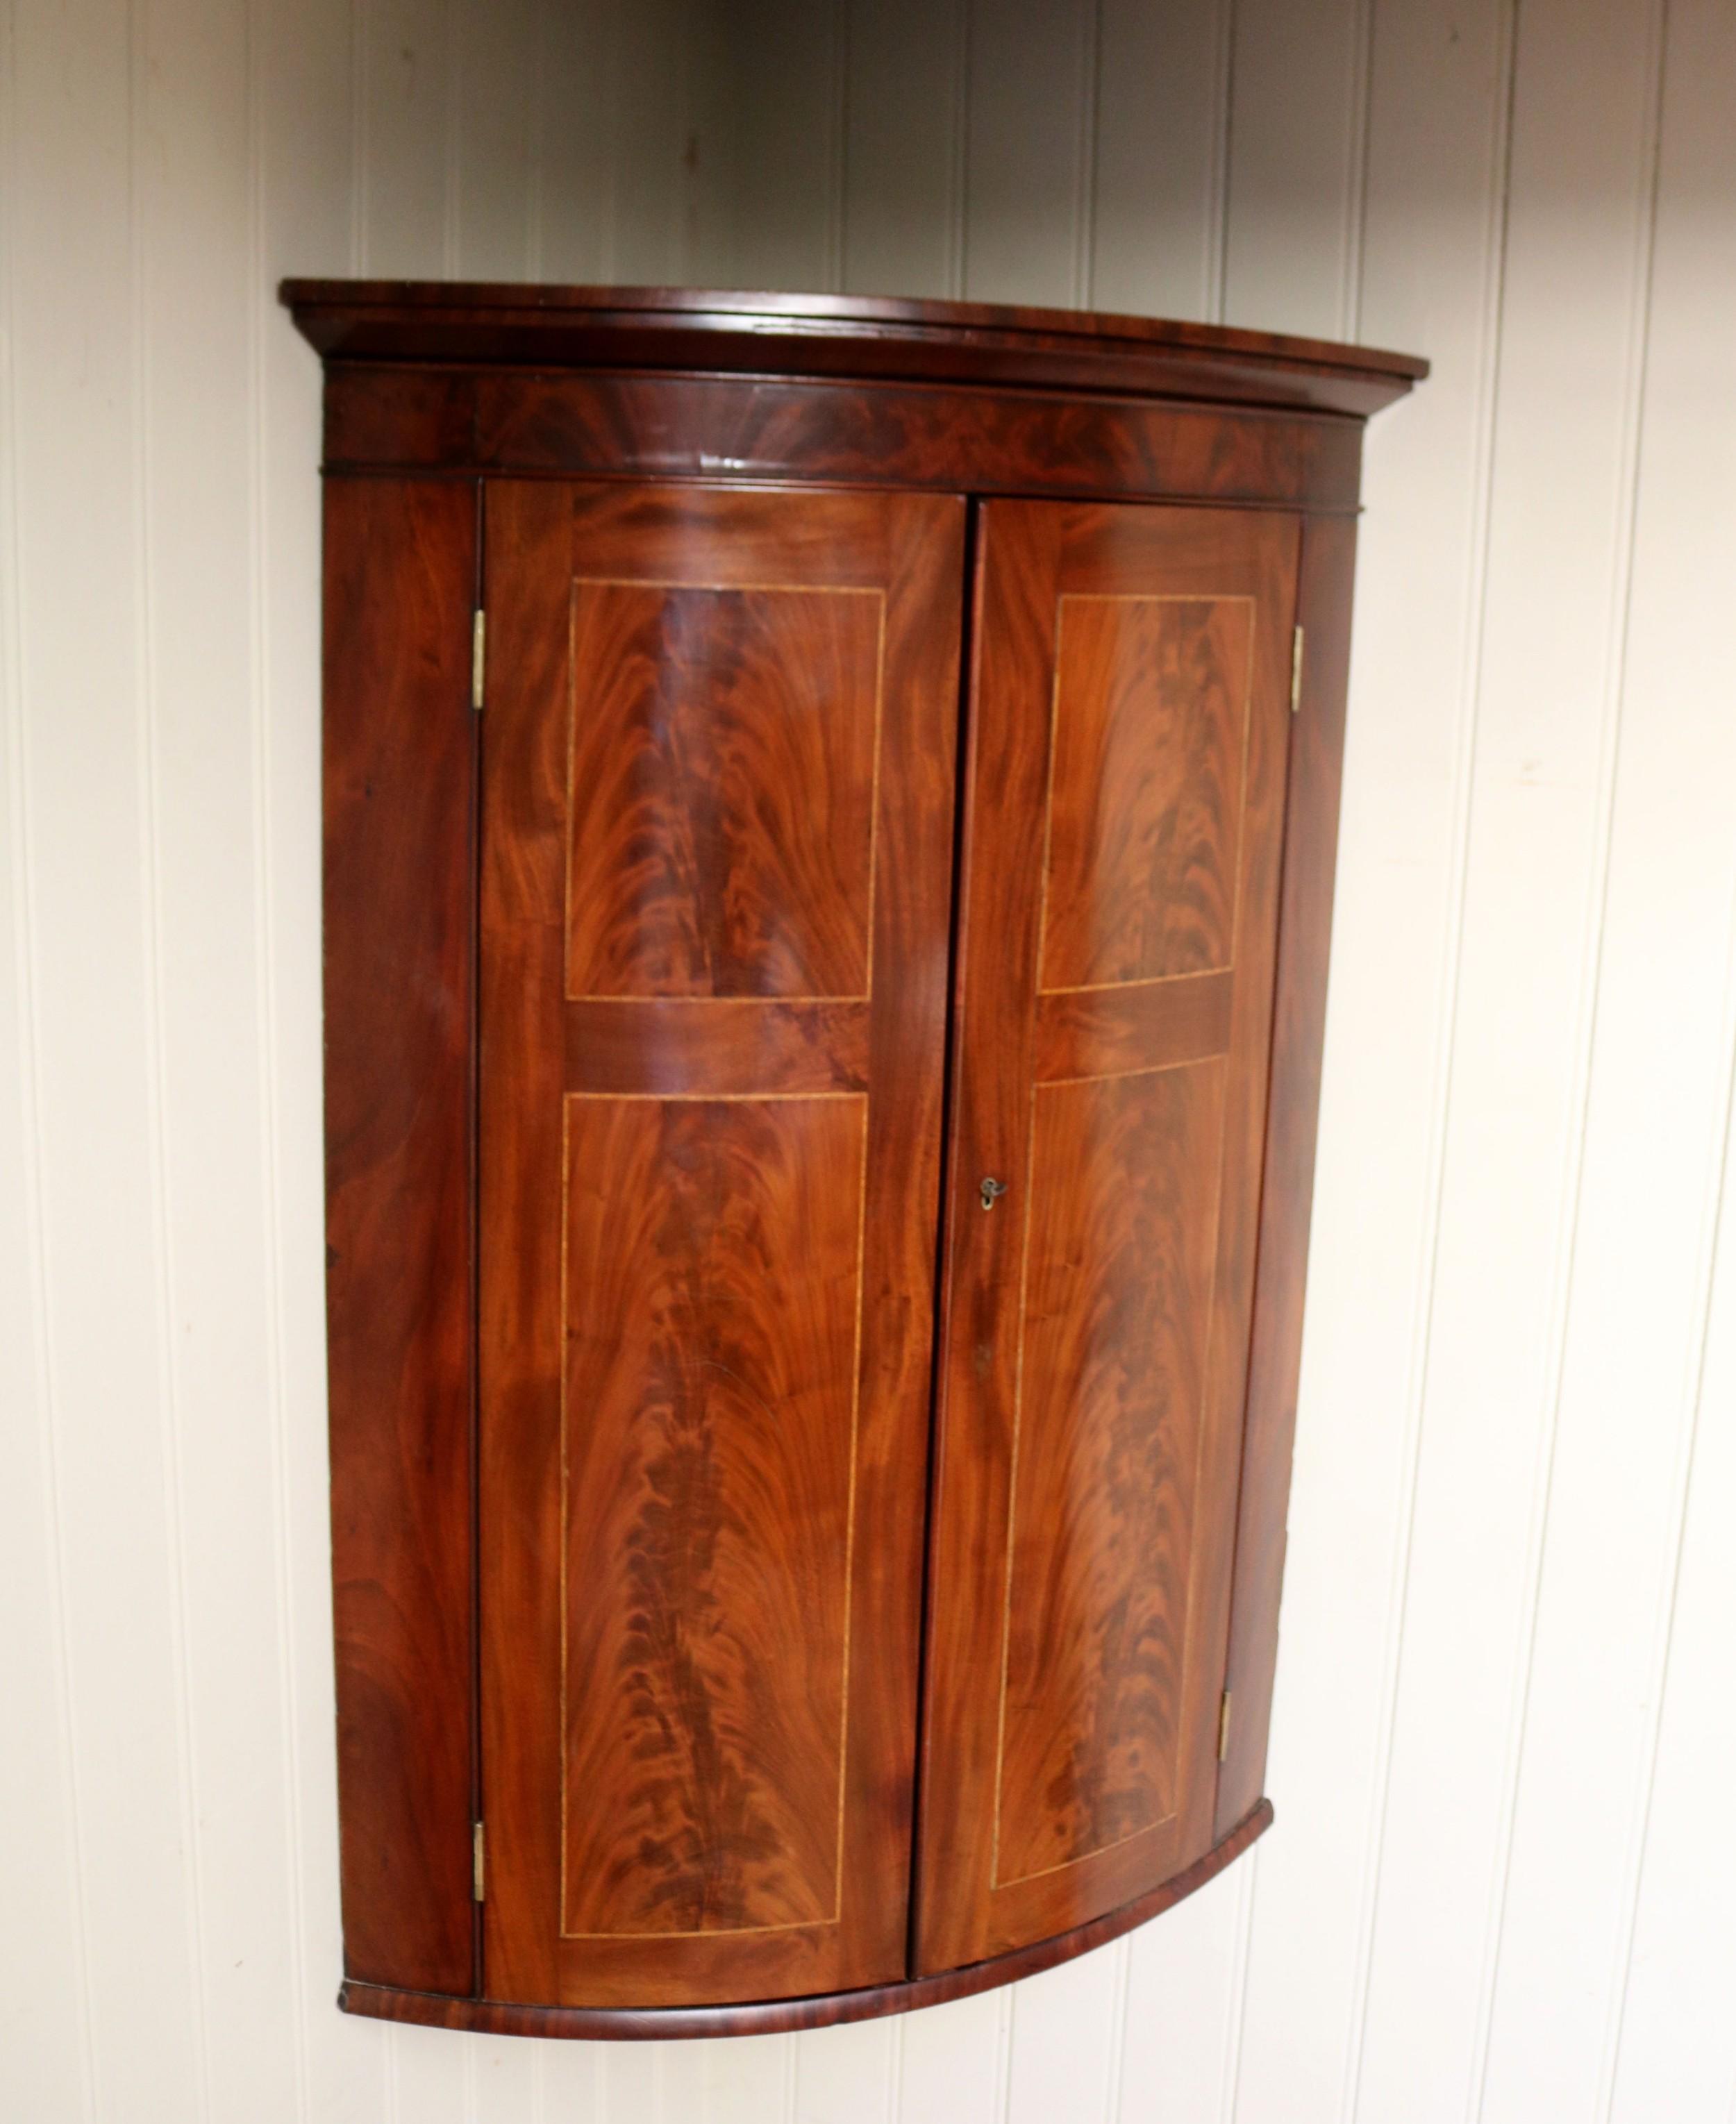 early 19th century mahogany bow front corner wall cabinet